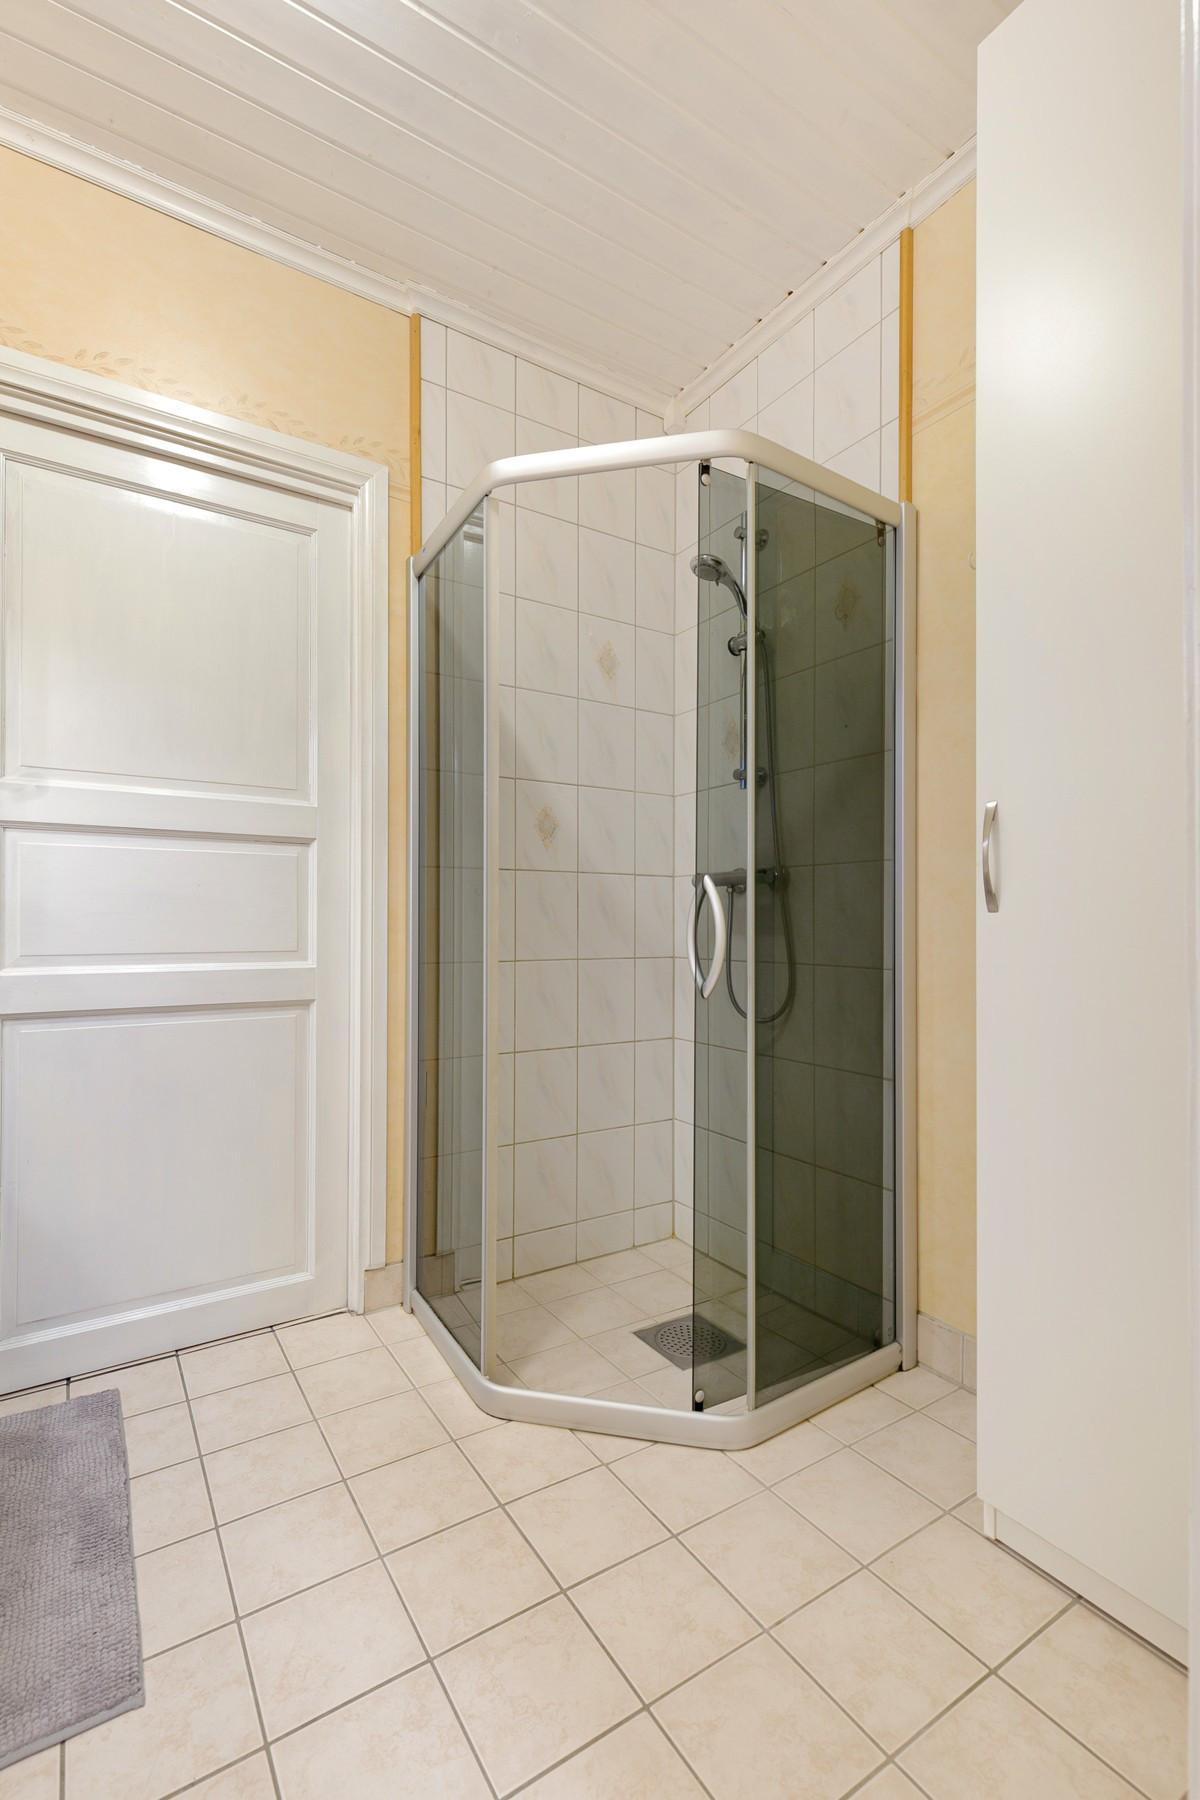 Bak døren finner du et vaskerom!